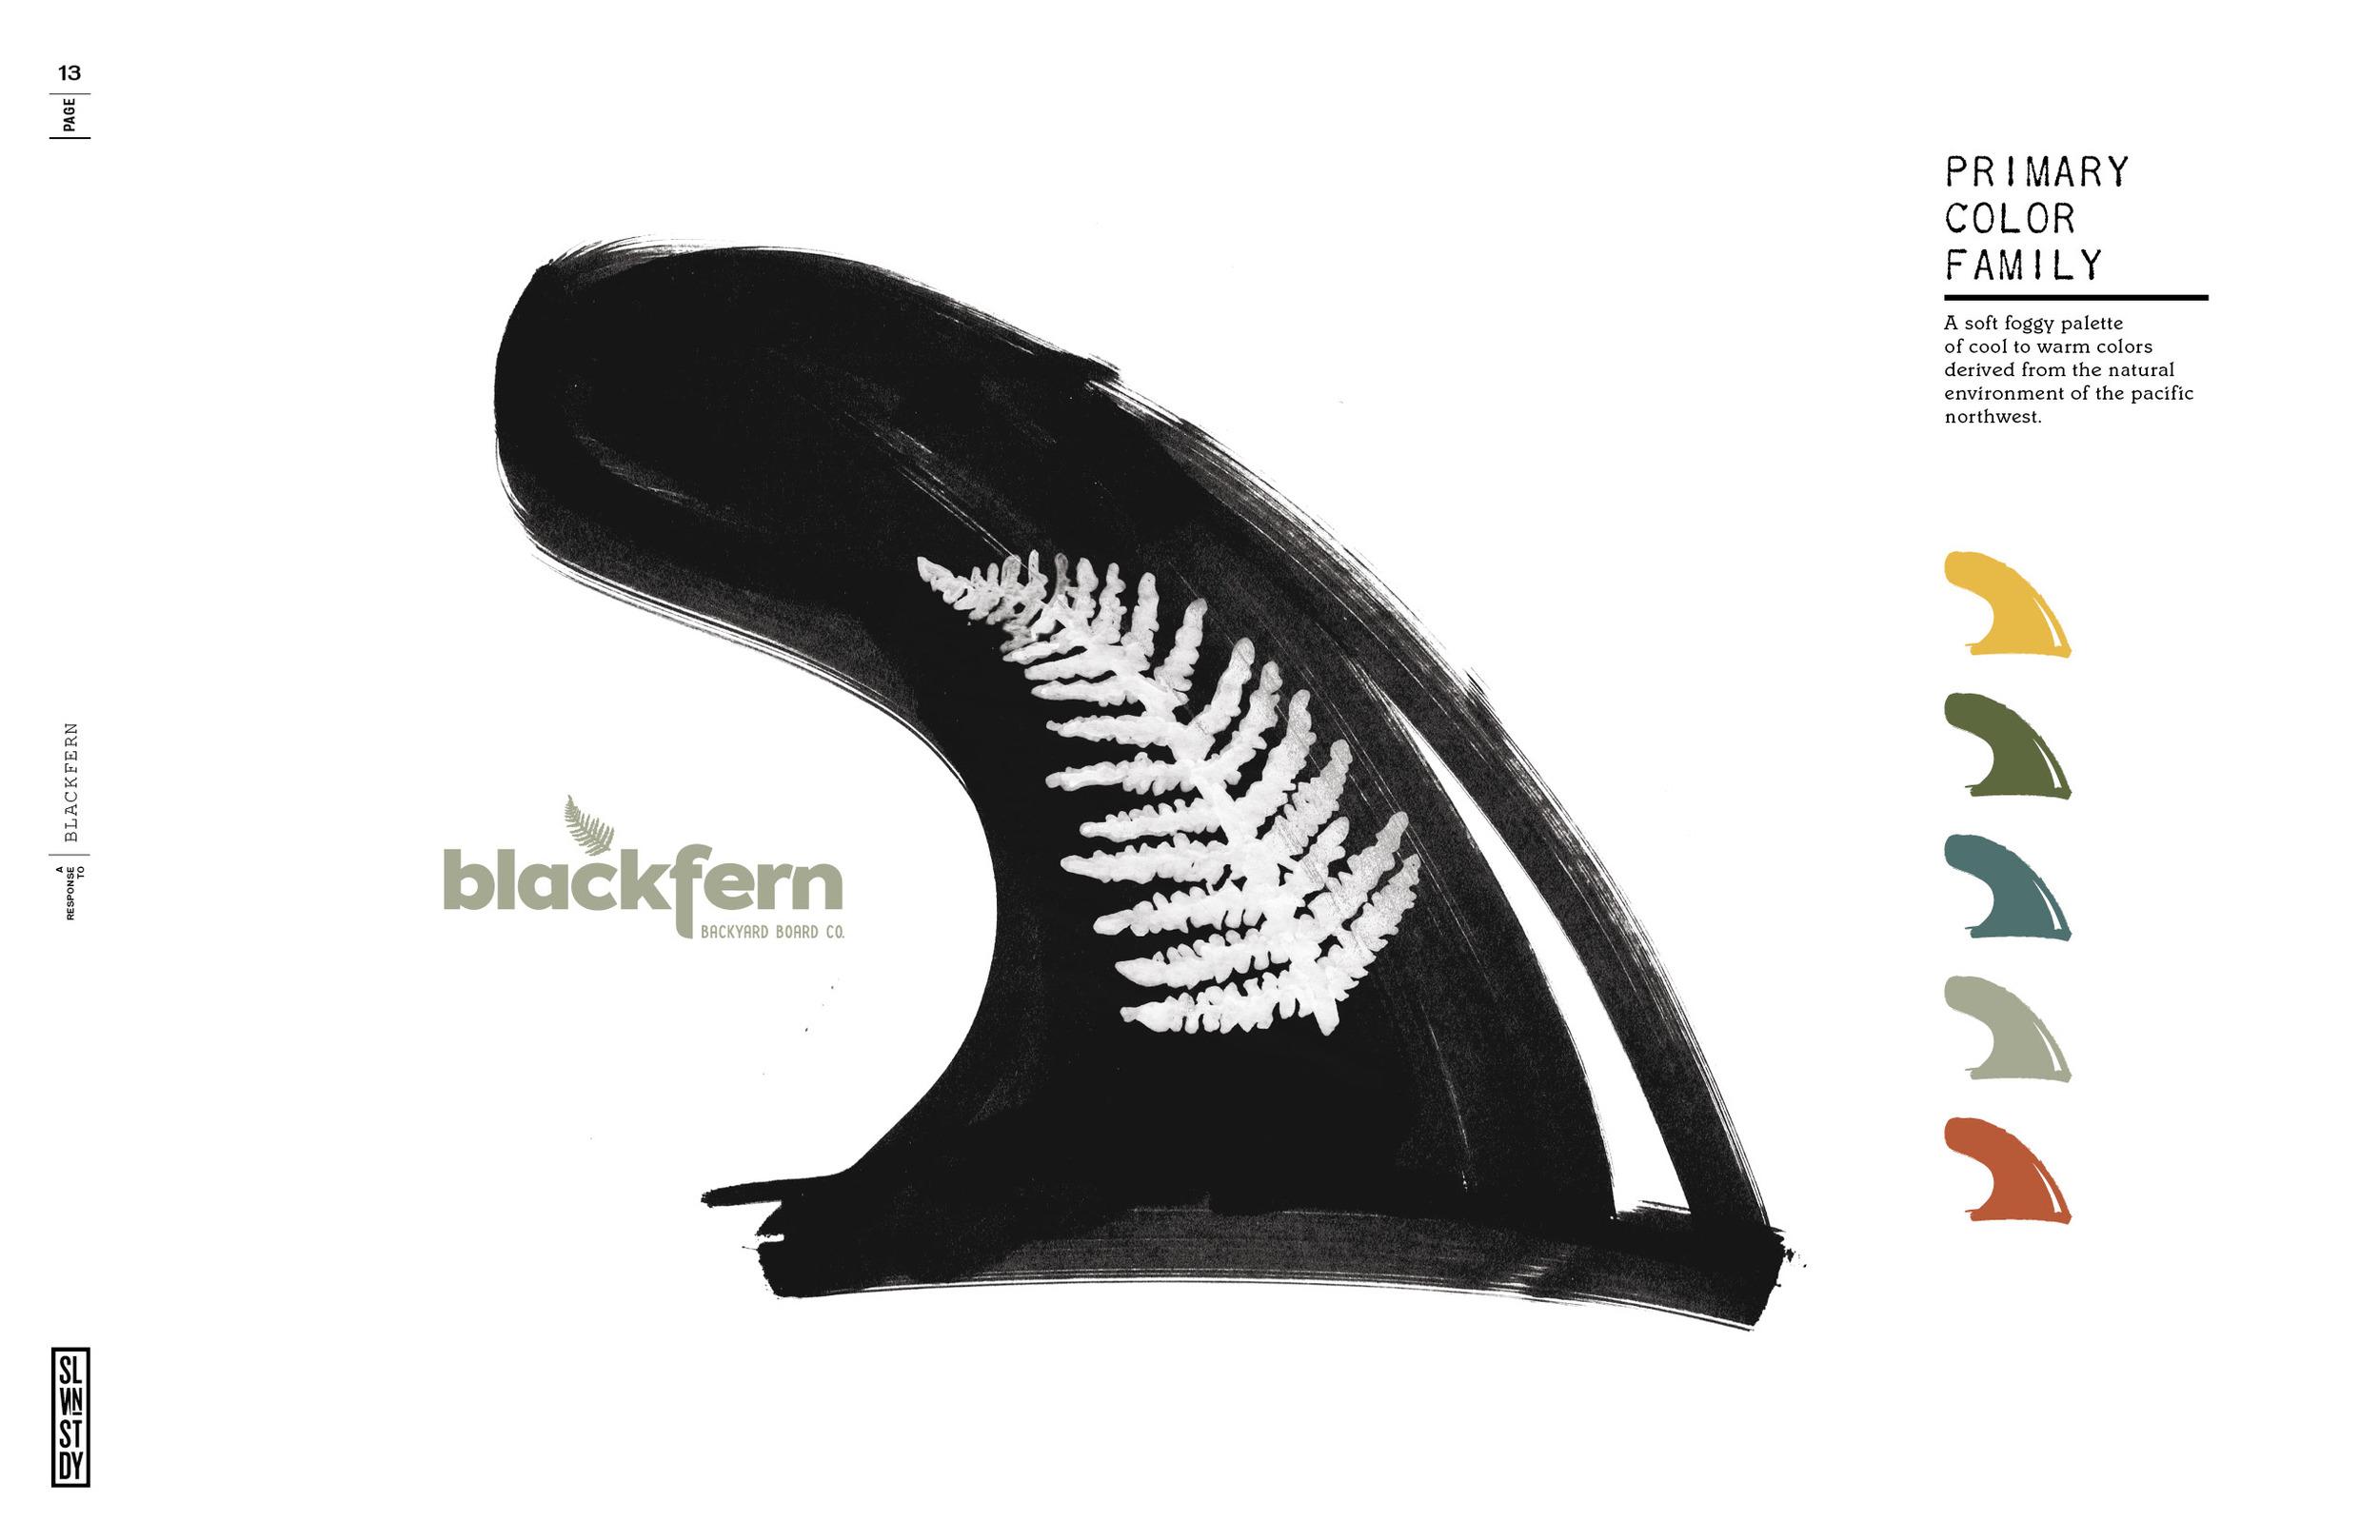 blackfern_v313.jpg